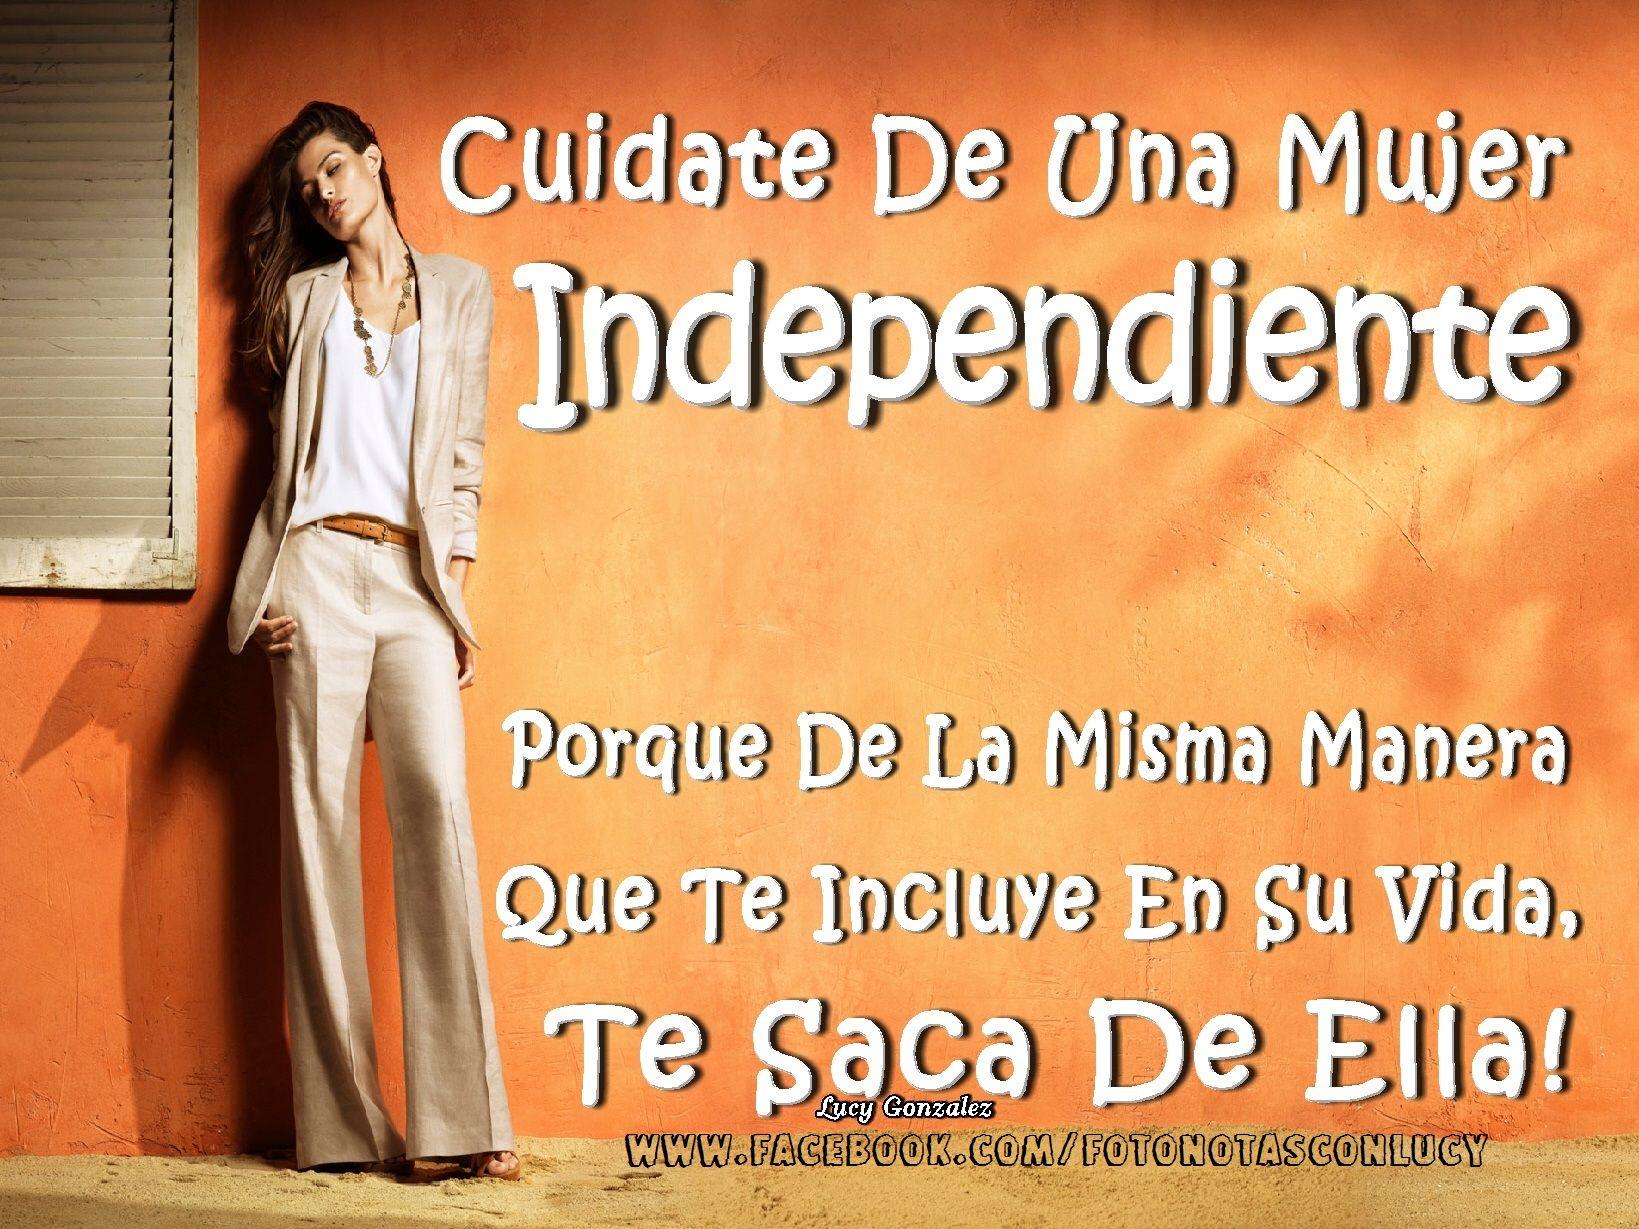 Bbm Mujeres - 244932